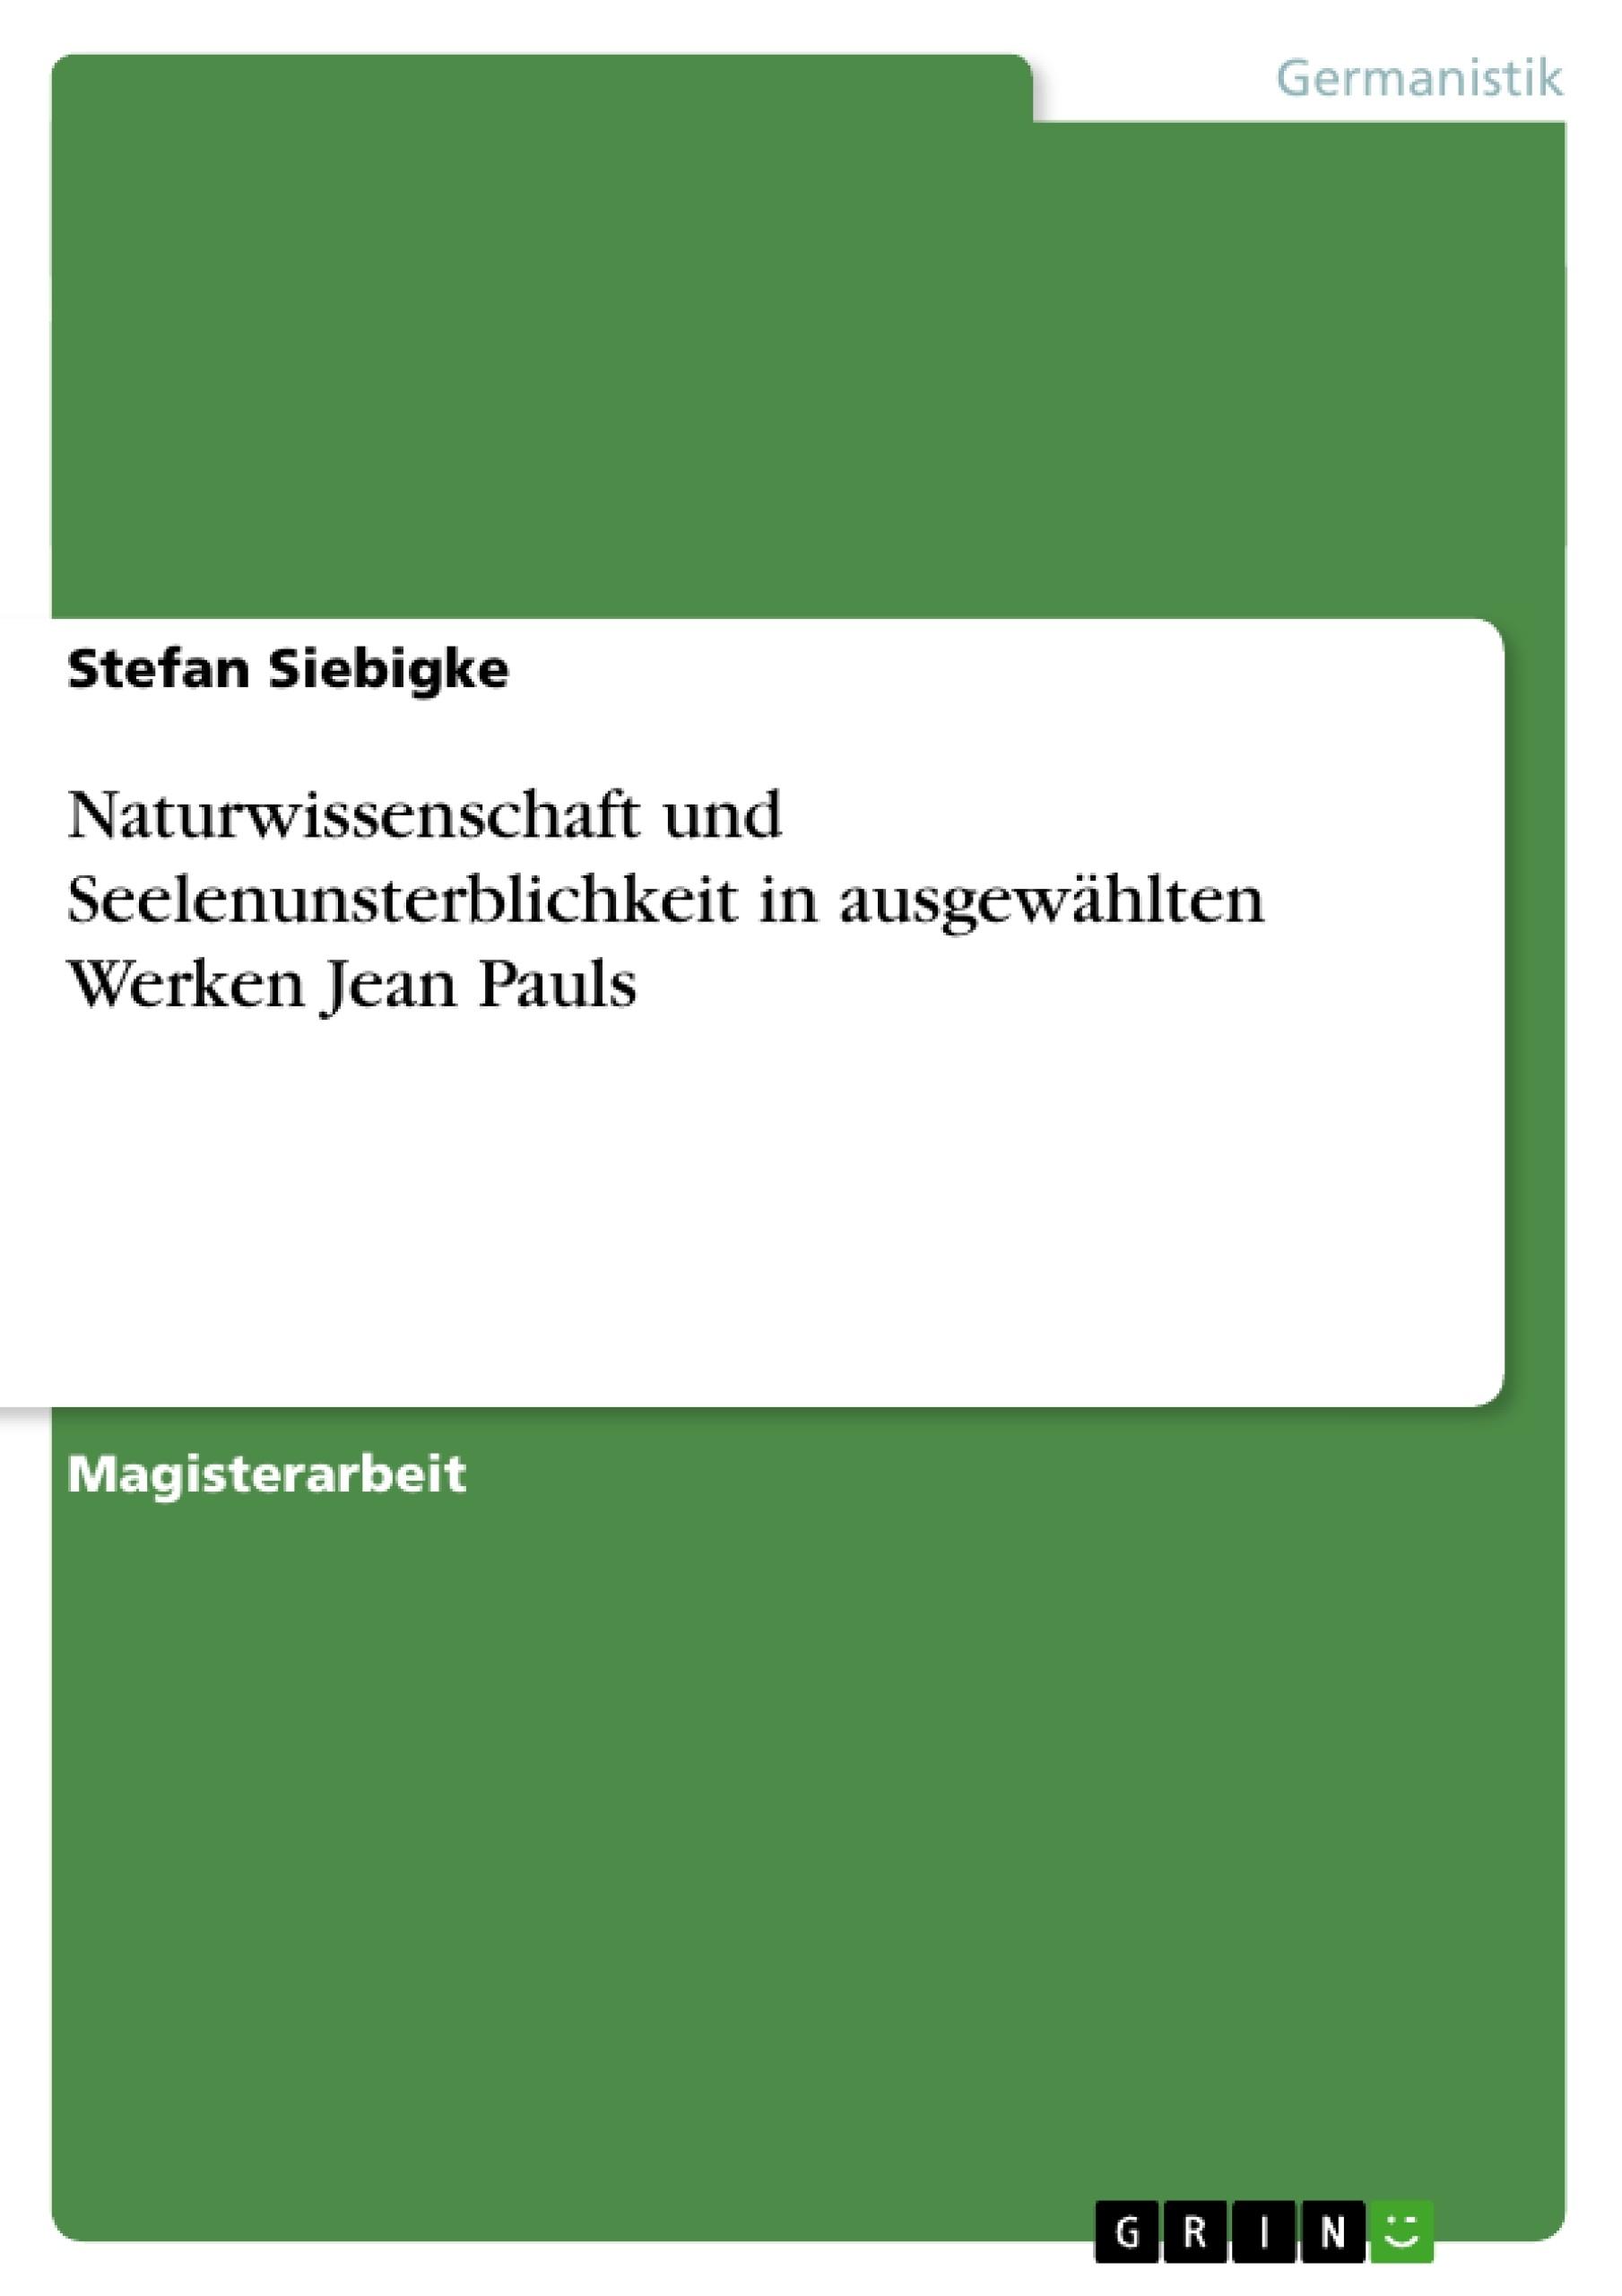 Titel: Naturwissenschaft und Seelenunsterblichkeit in ausgewählten Werken Jean Pauls